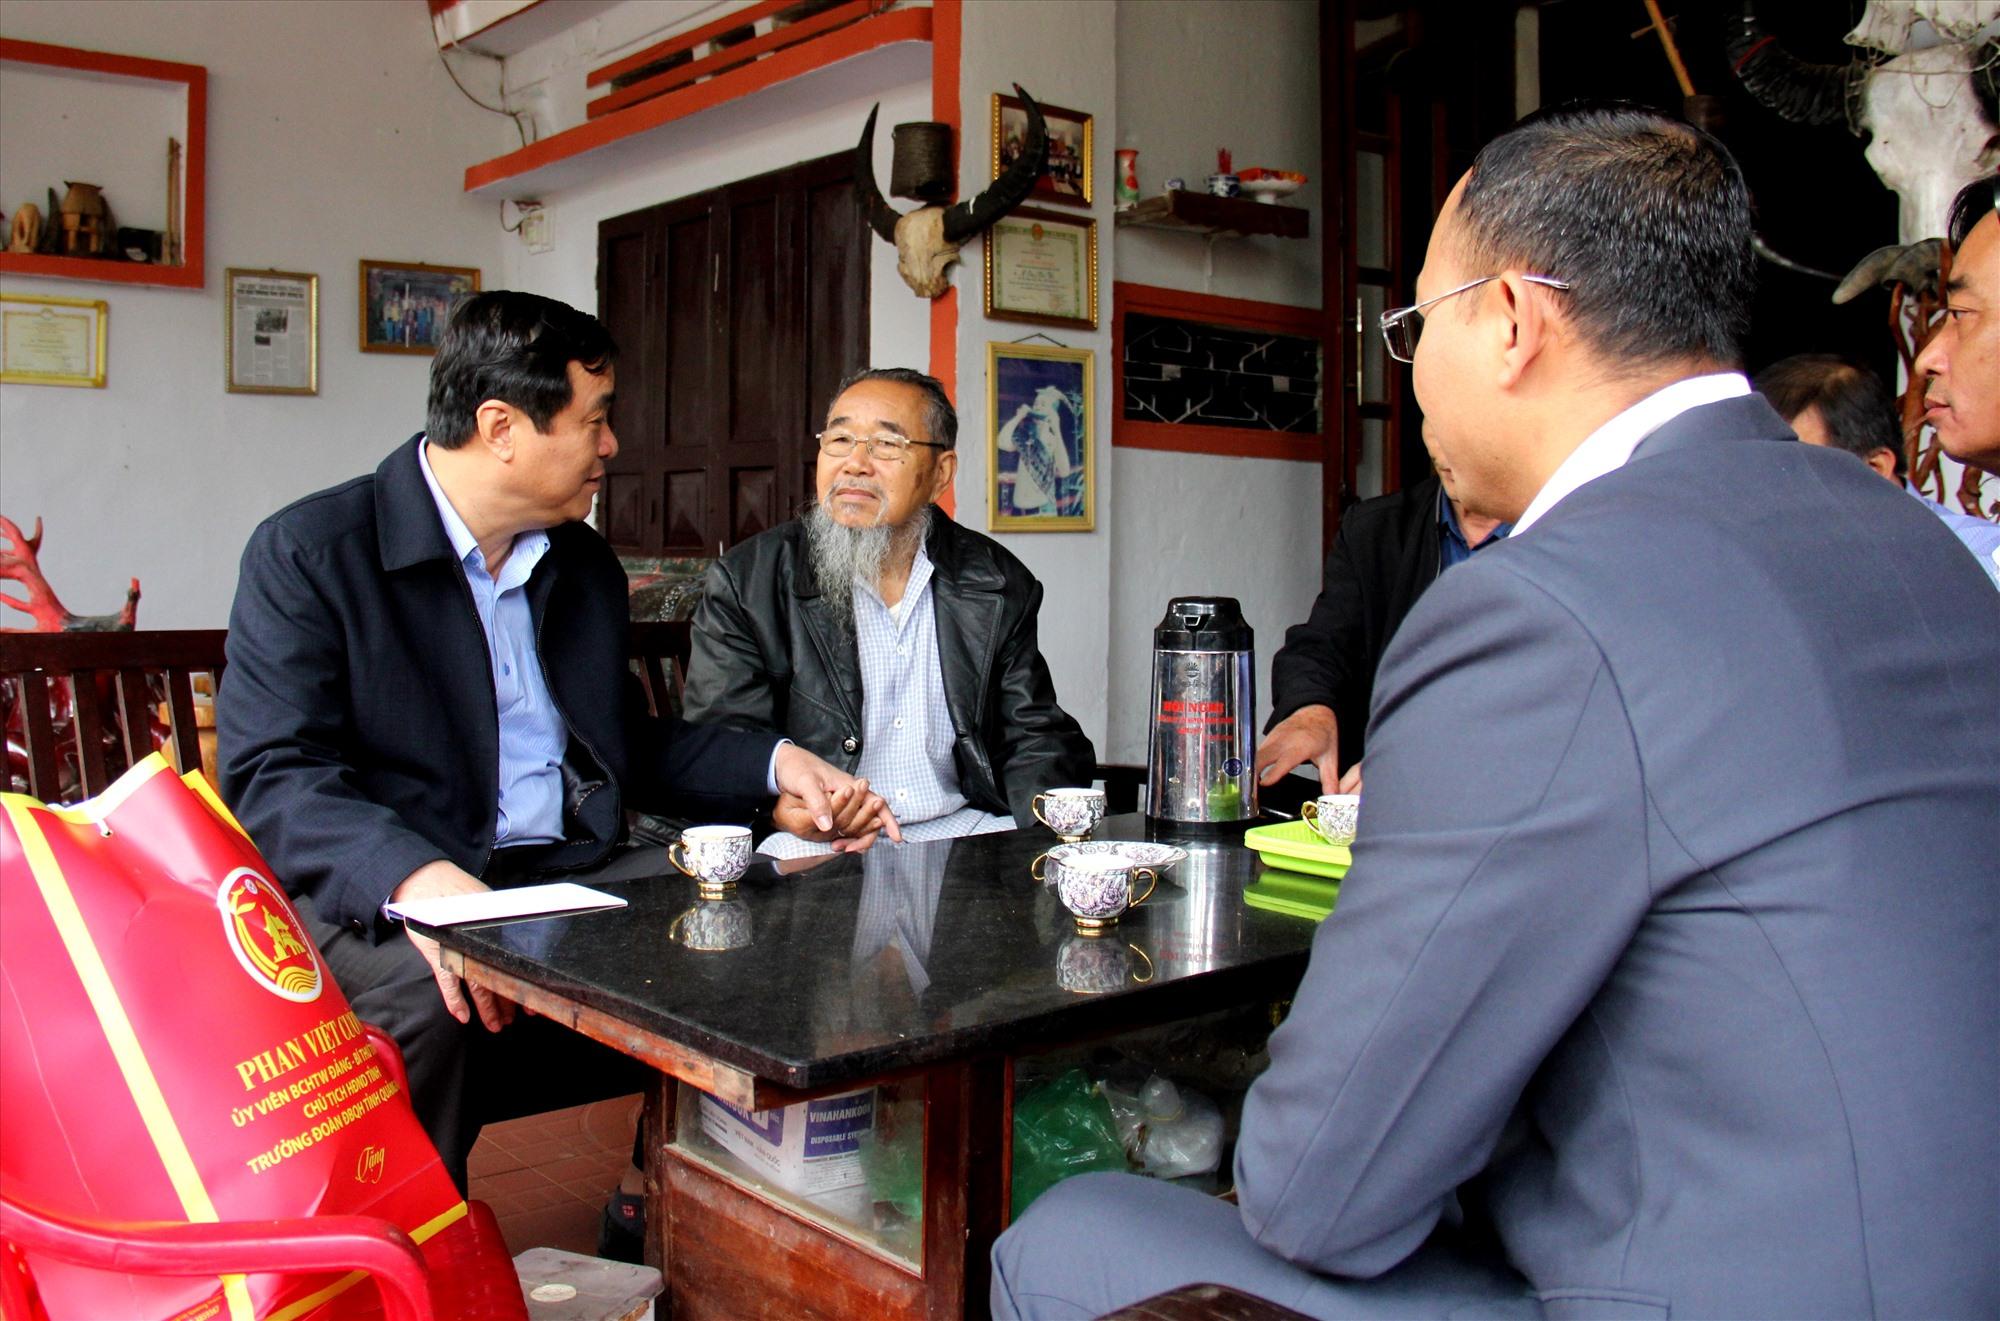 Bí thư Tỉnh ủy Phan Việt Cường thăm hỏi, động viên già làng Y Kông - nguyên Chủ tịch UBND huyện Đông Giang. Ảnh: Đ.N